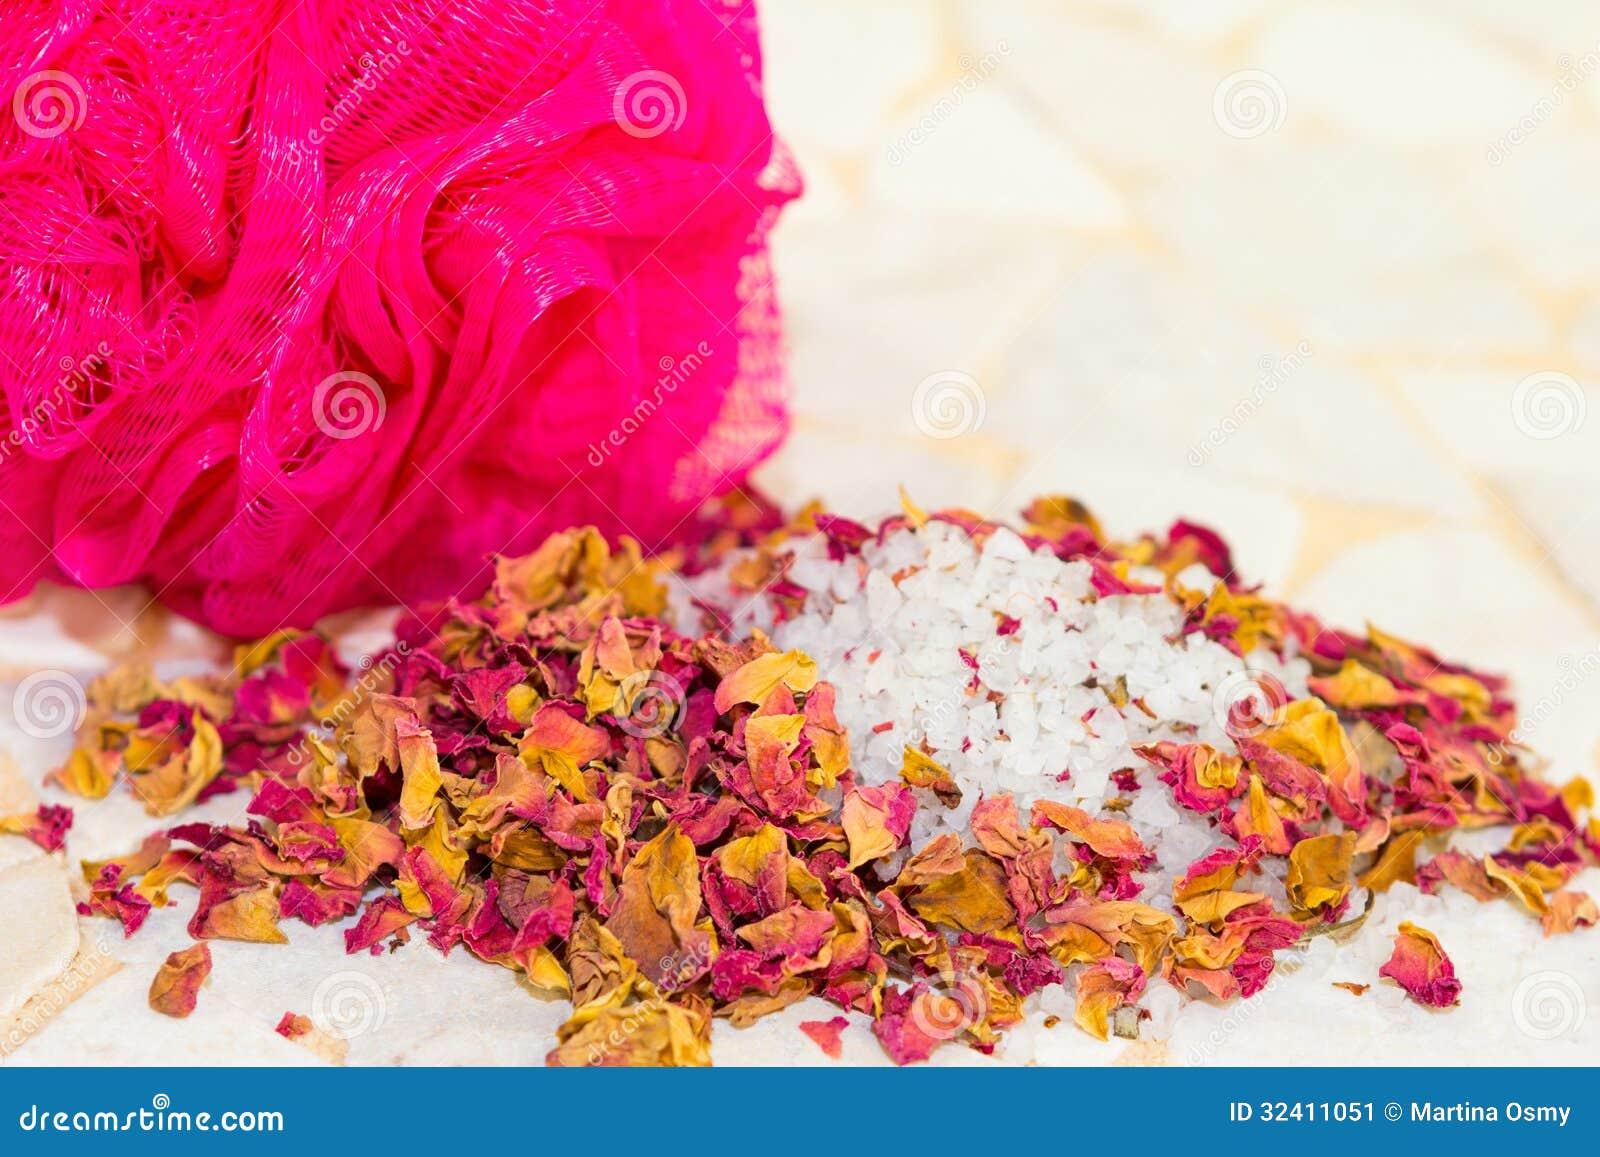 Petali rosa e sali da bagno profumati in una stazione termale immagine stock immagine 32411051 - Sali da bagno profumati ...